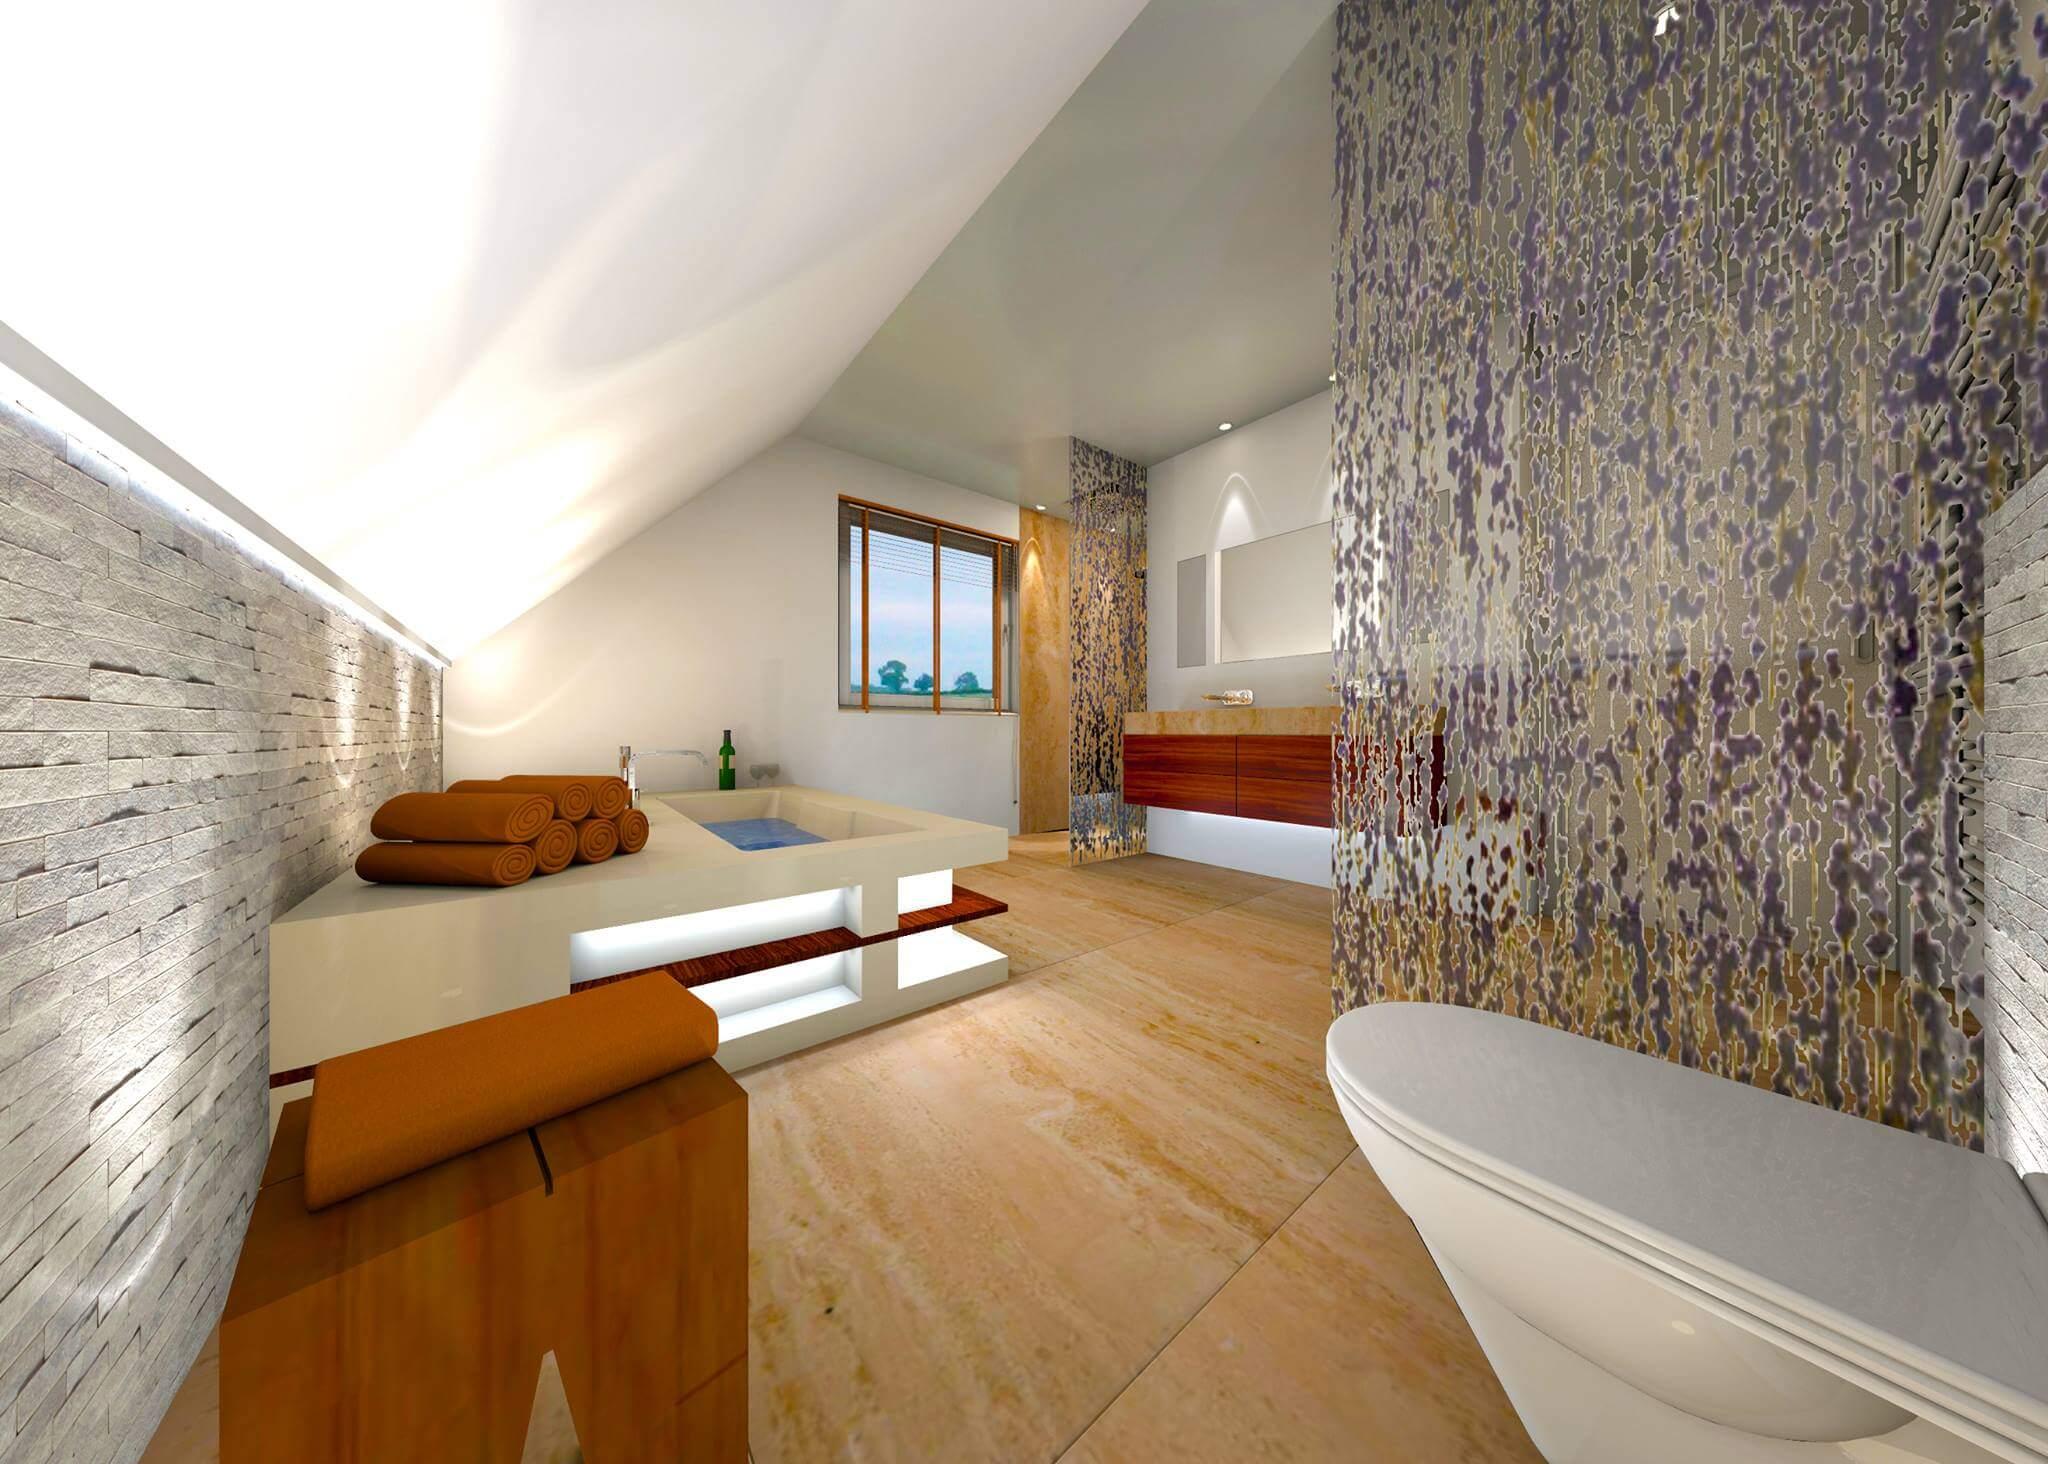 badrume mit schrgen verwandeln wir in ihr traumbad design by torsten mller - Ideen Badezimmergestaltung